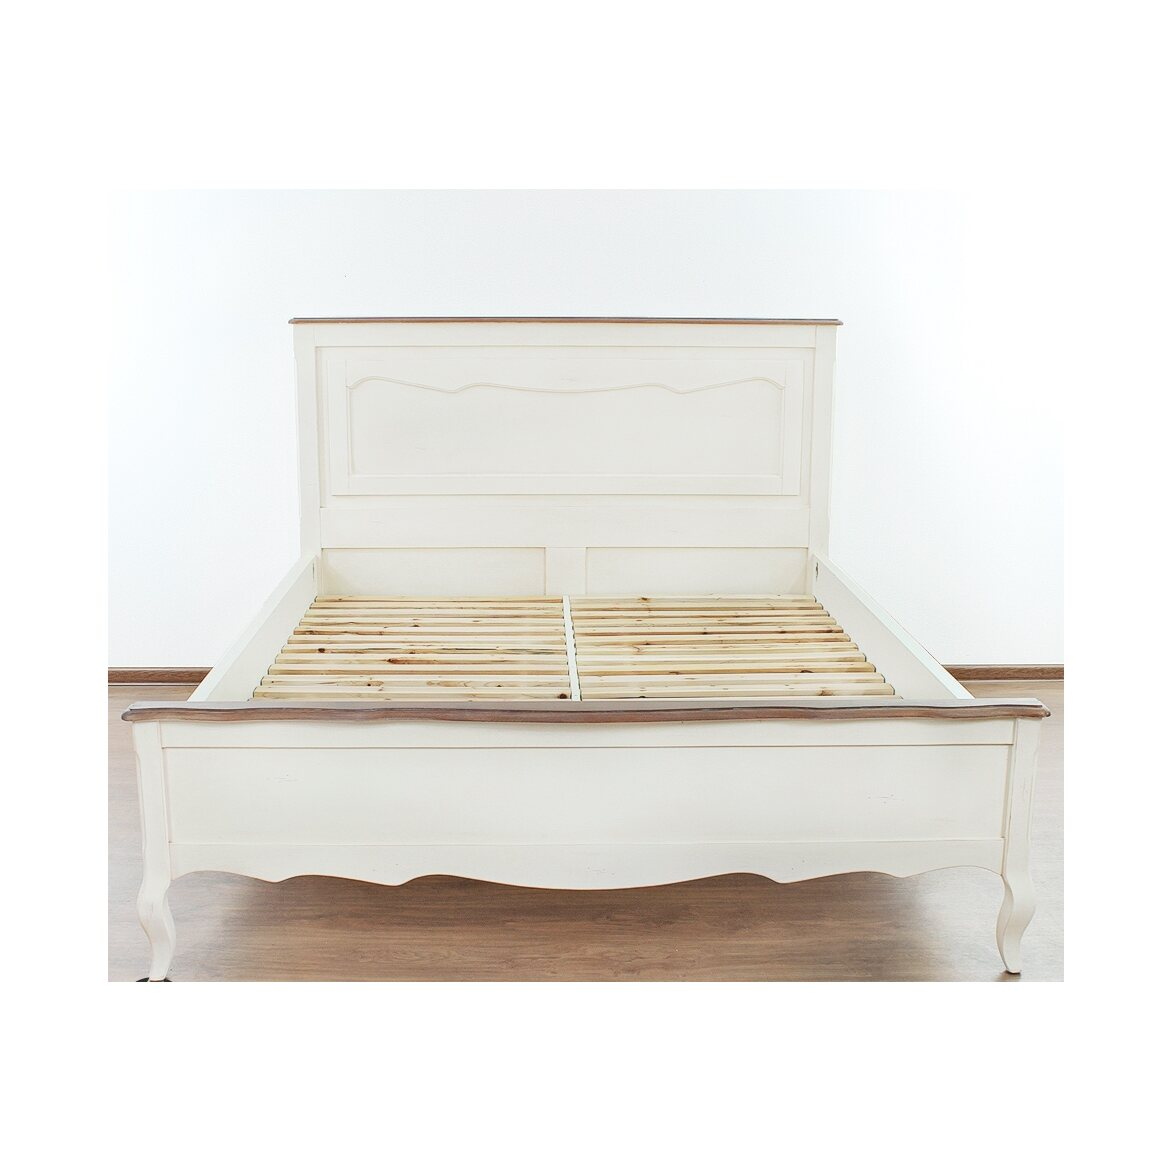 Кровать двуспальная 160*200 Leontina, бежевого цвета   Двуспальные кровати Kingsby